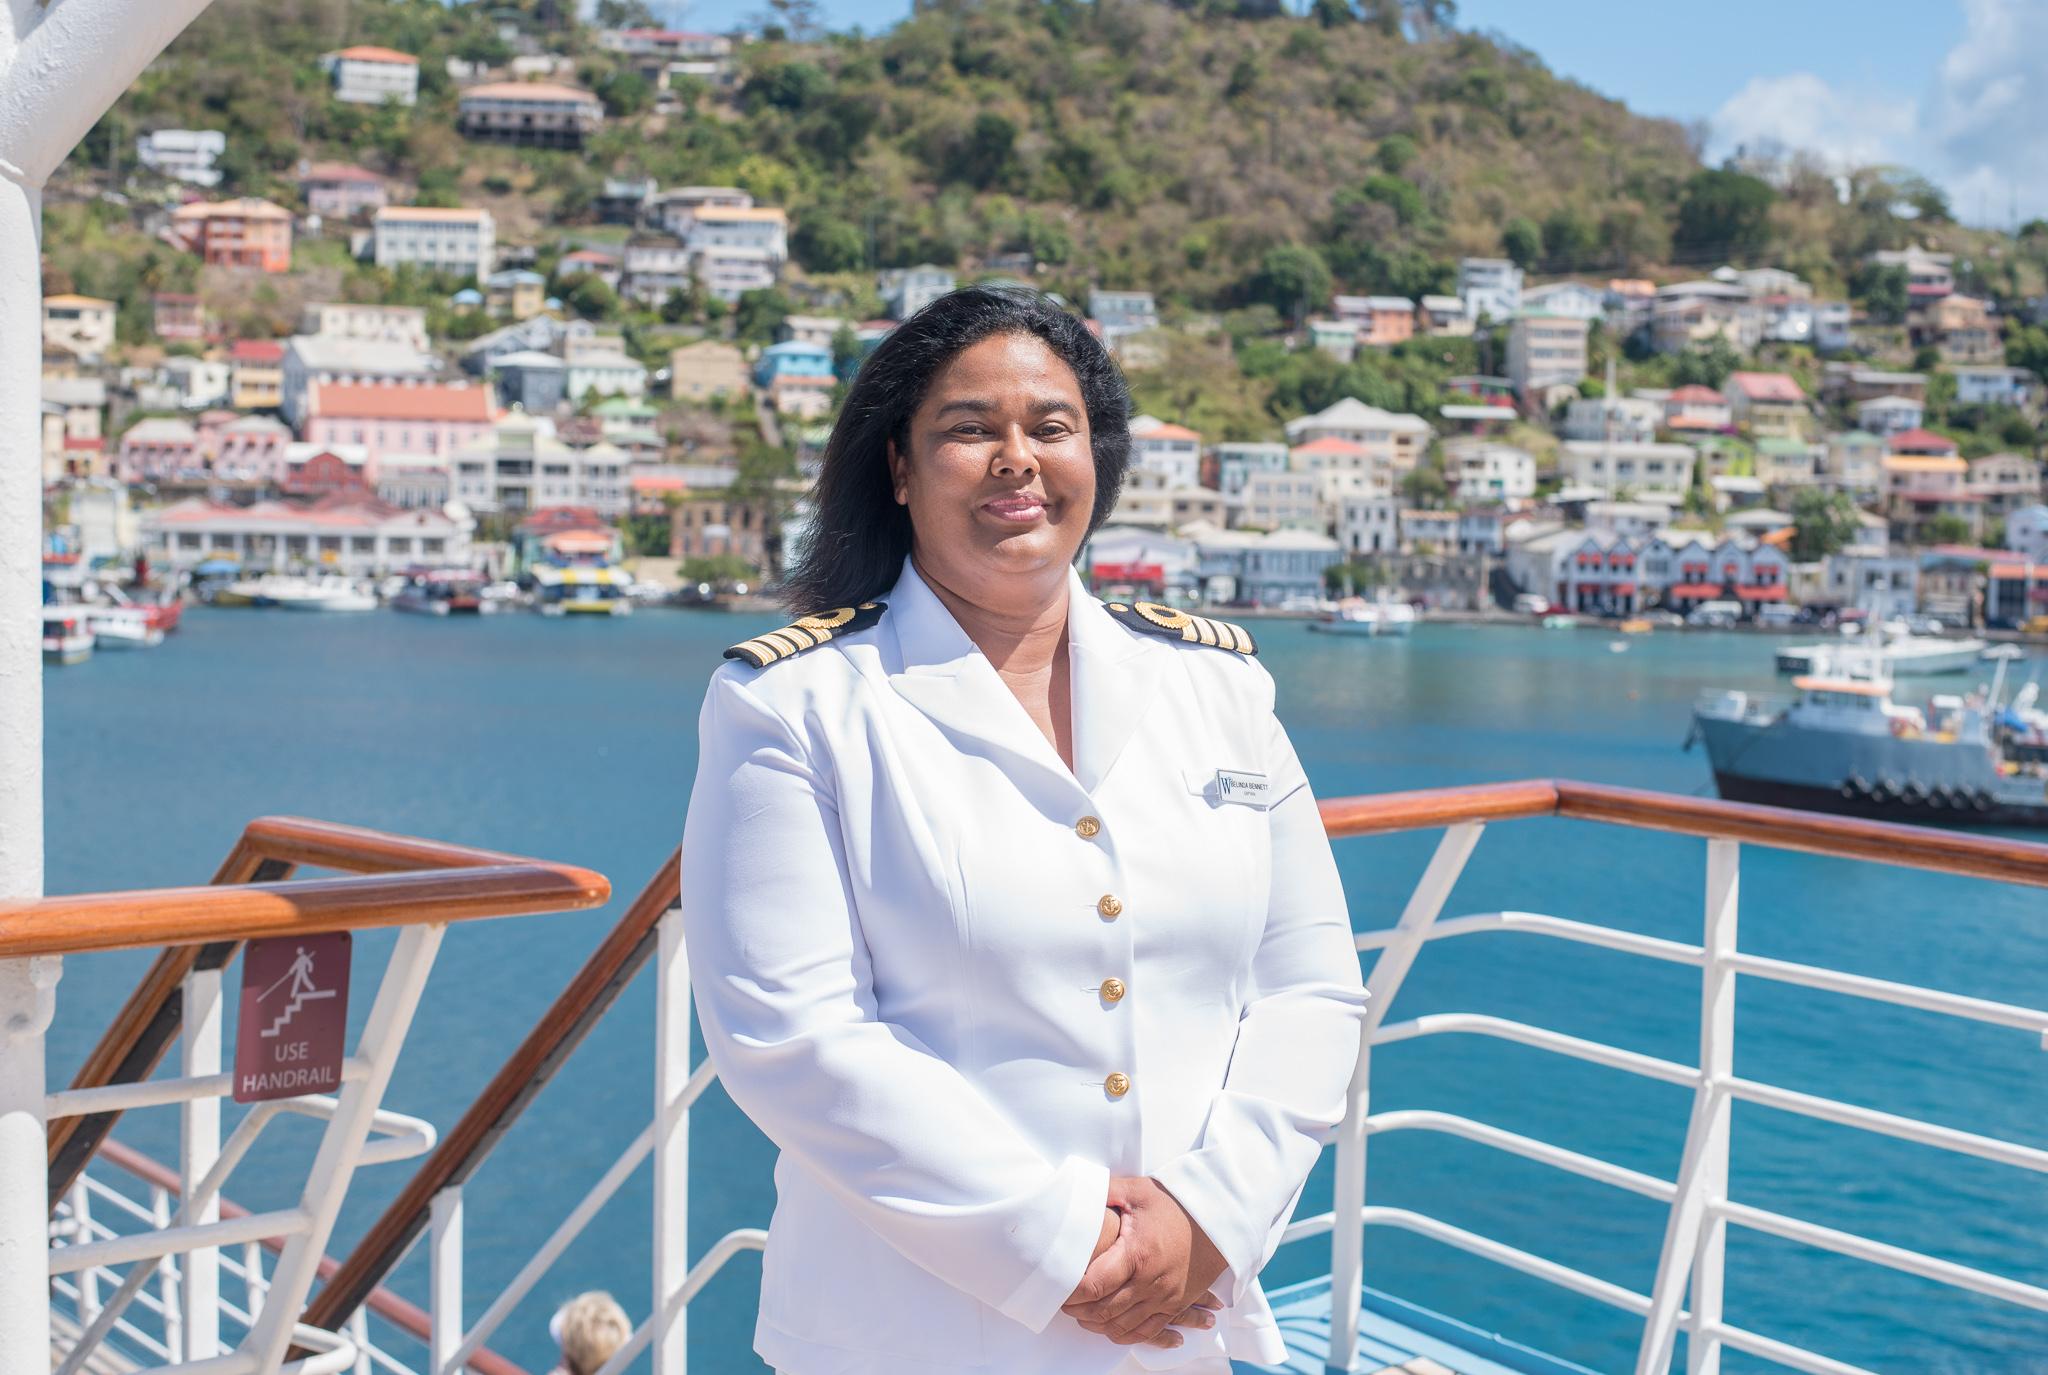 Windstar Cruises Names First Female Captain Belinda Bennett Sea Captain